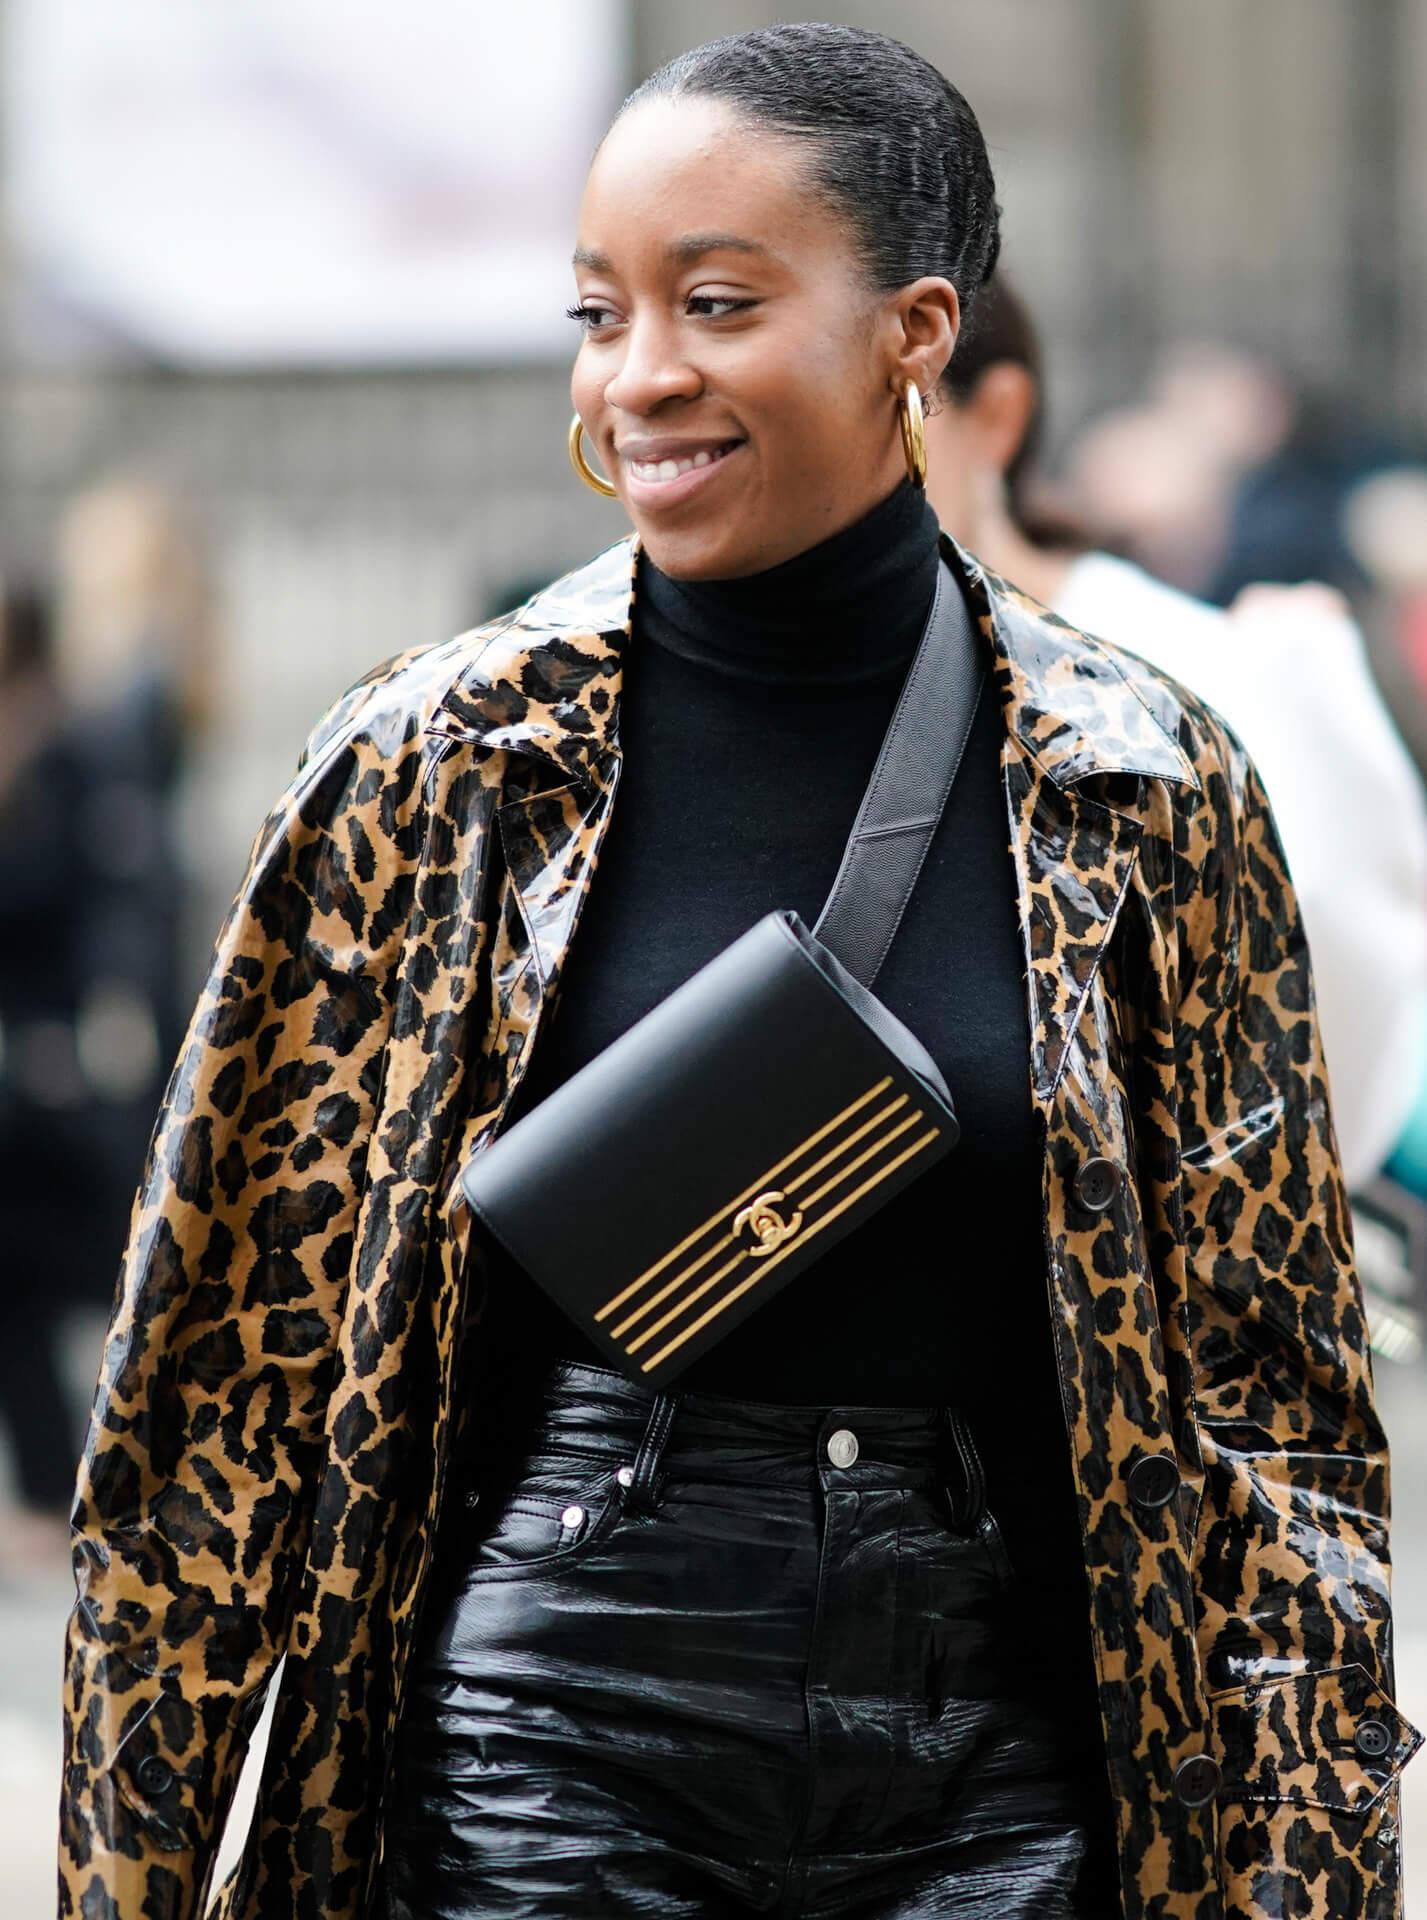 Bauchtaschen Frauen Streetstyle Shoe Fashion